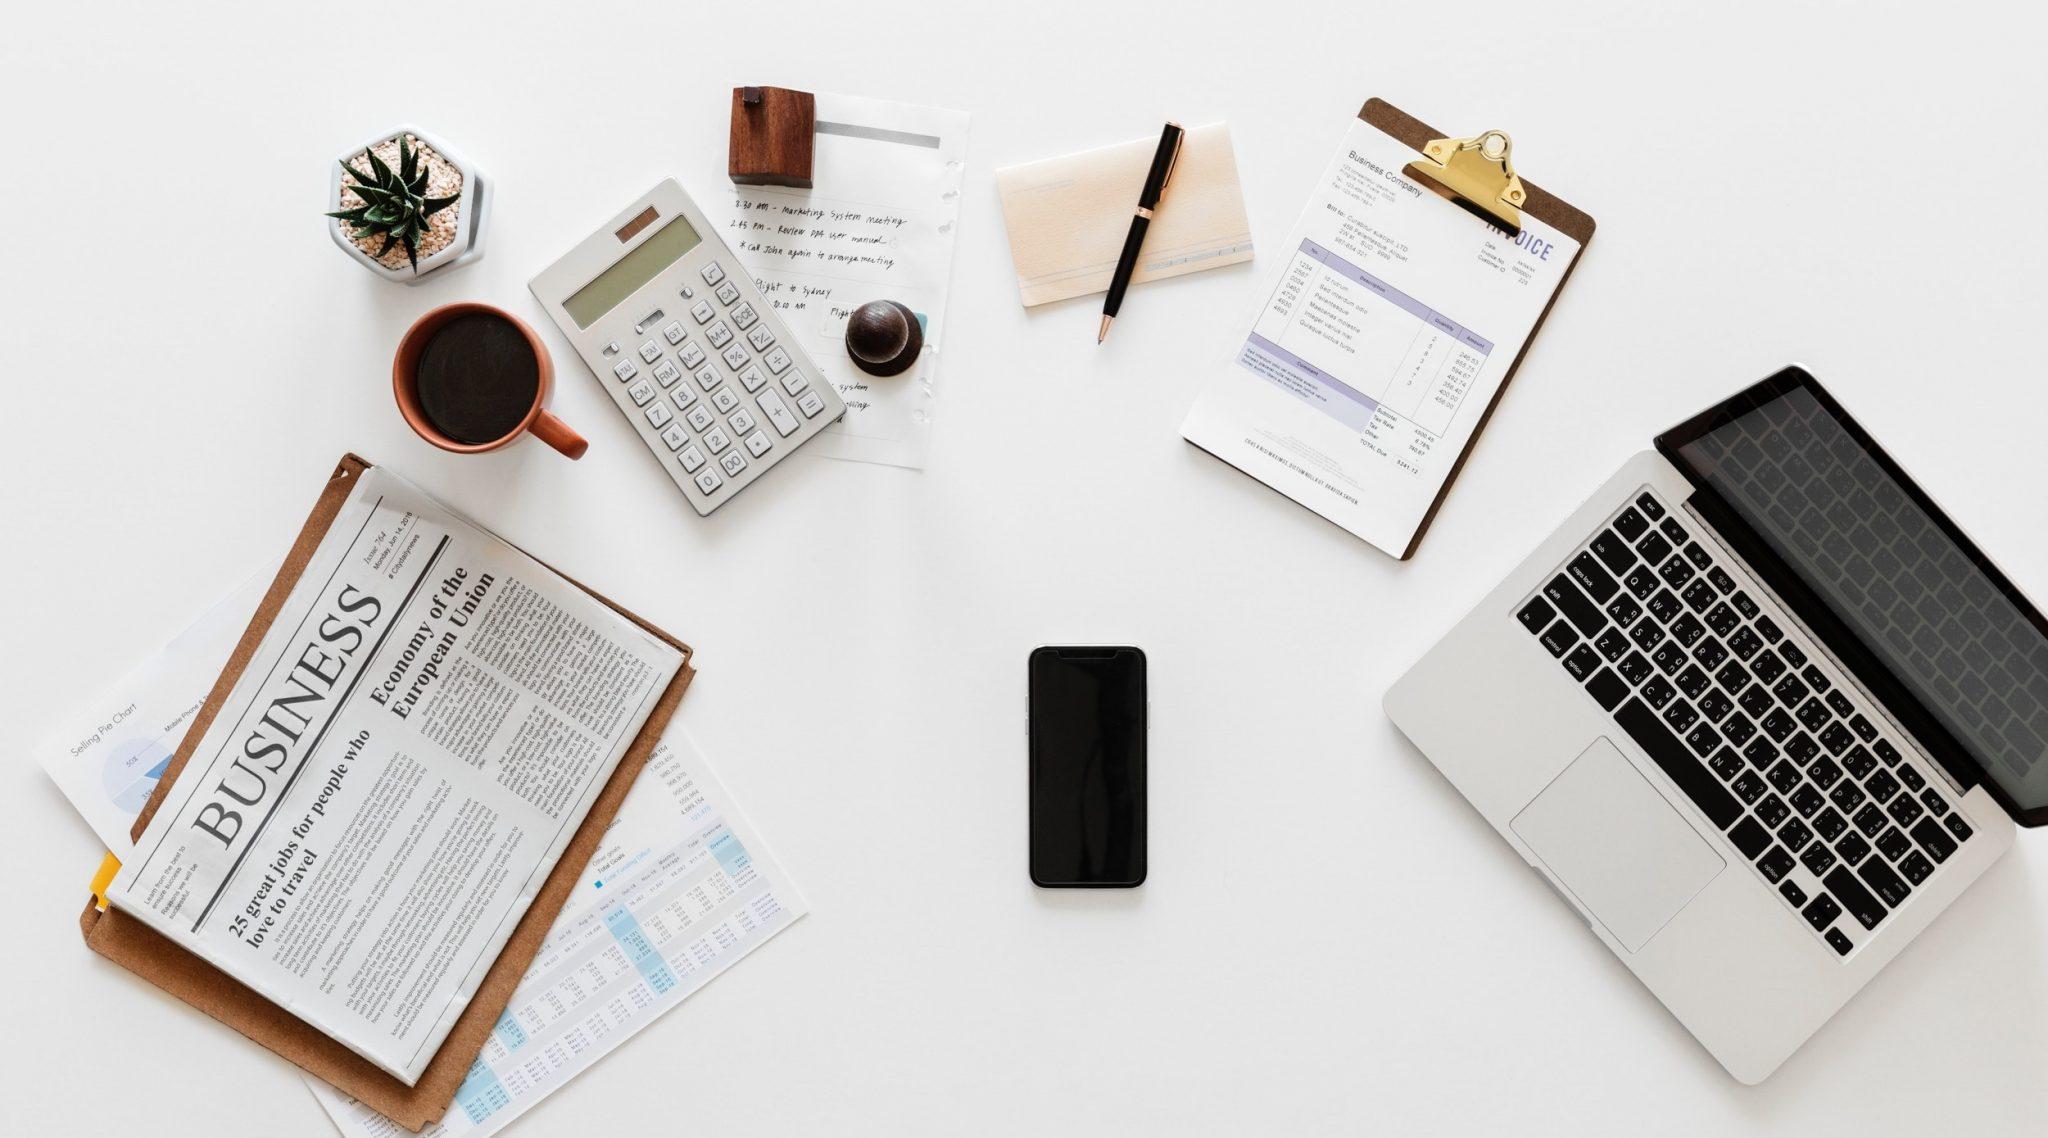 בניית תוכנית עסקית ב-8 צעדים